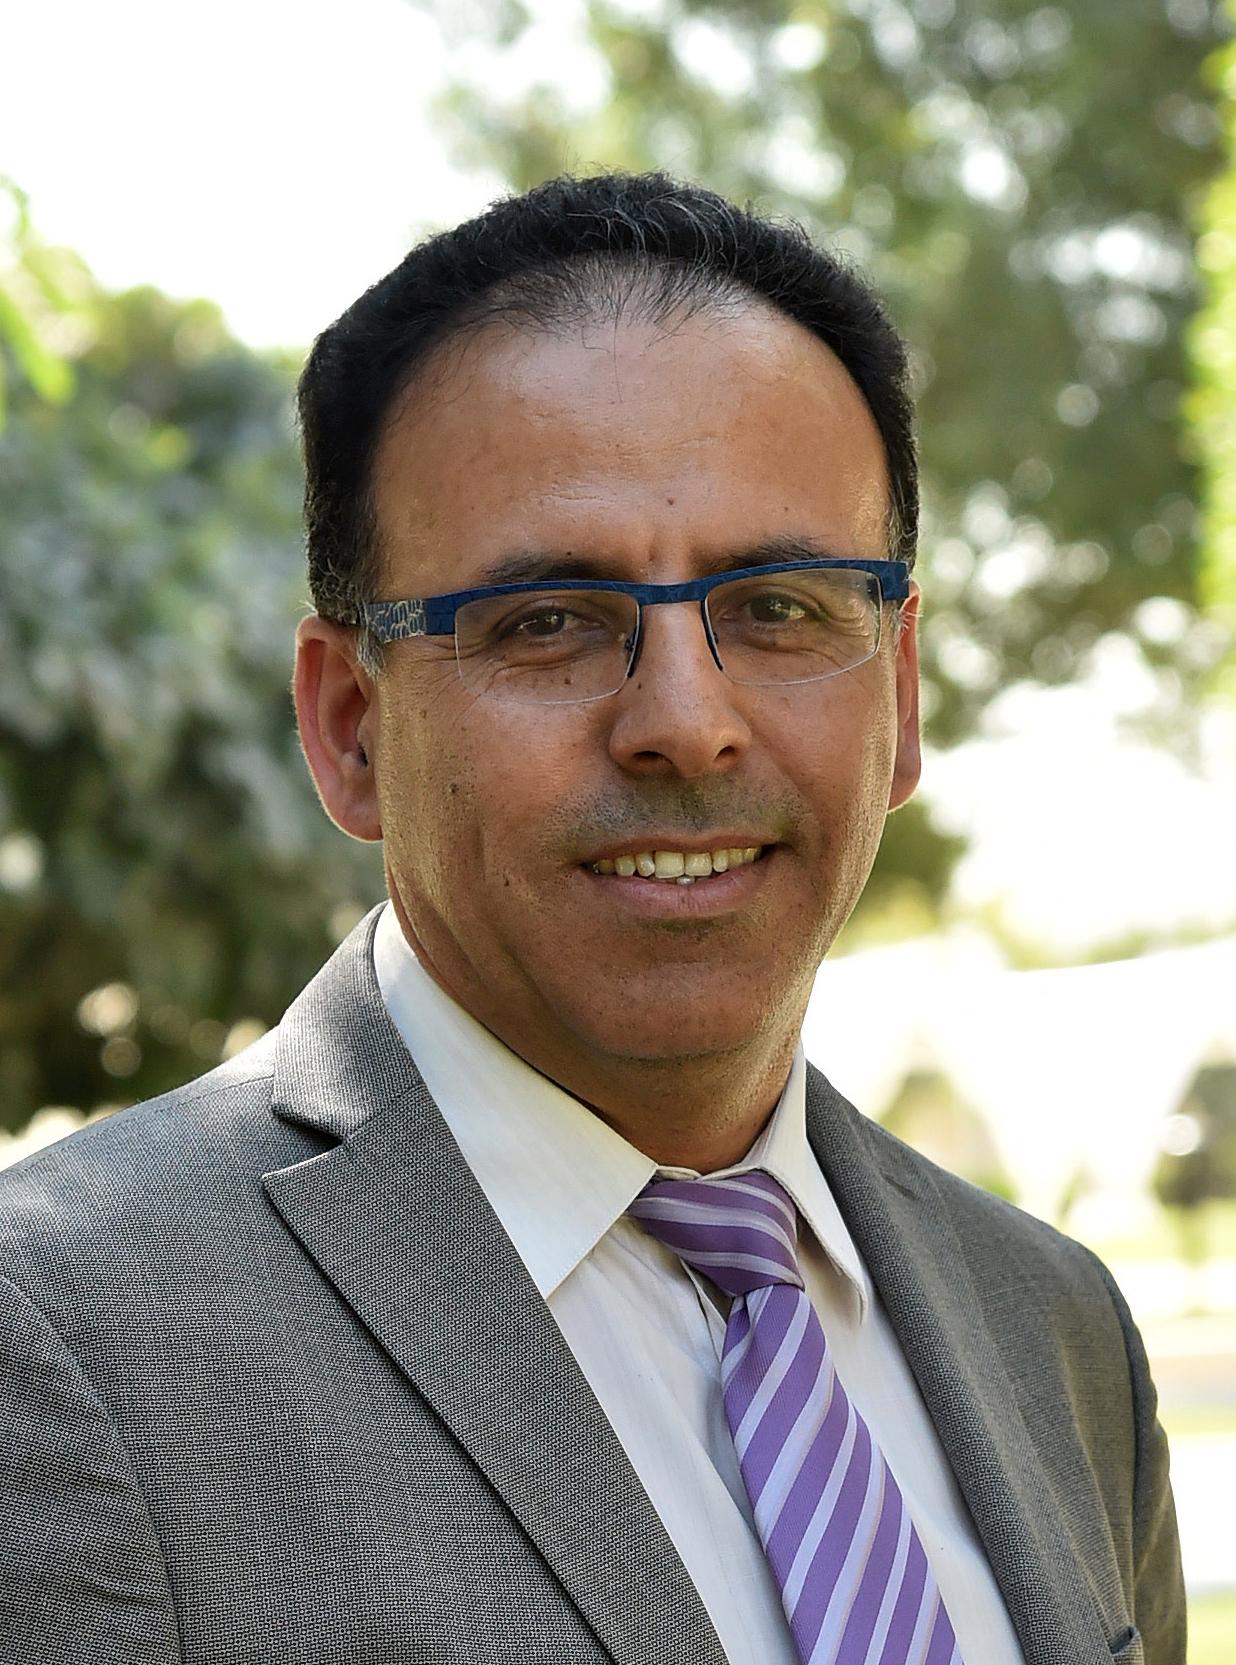 Dr. Abdelaziz Bourasis